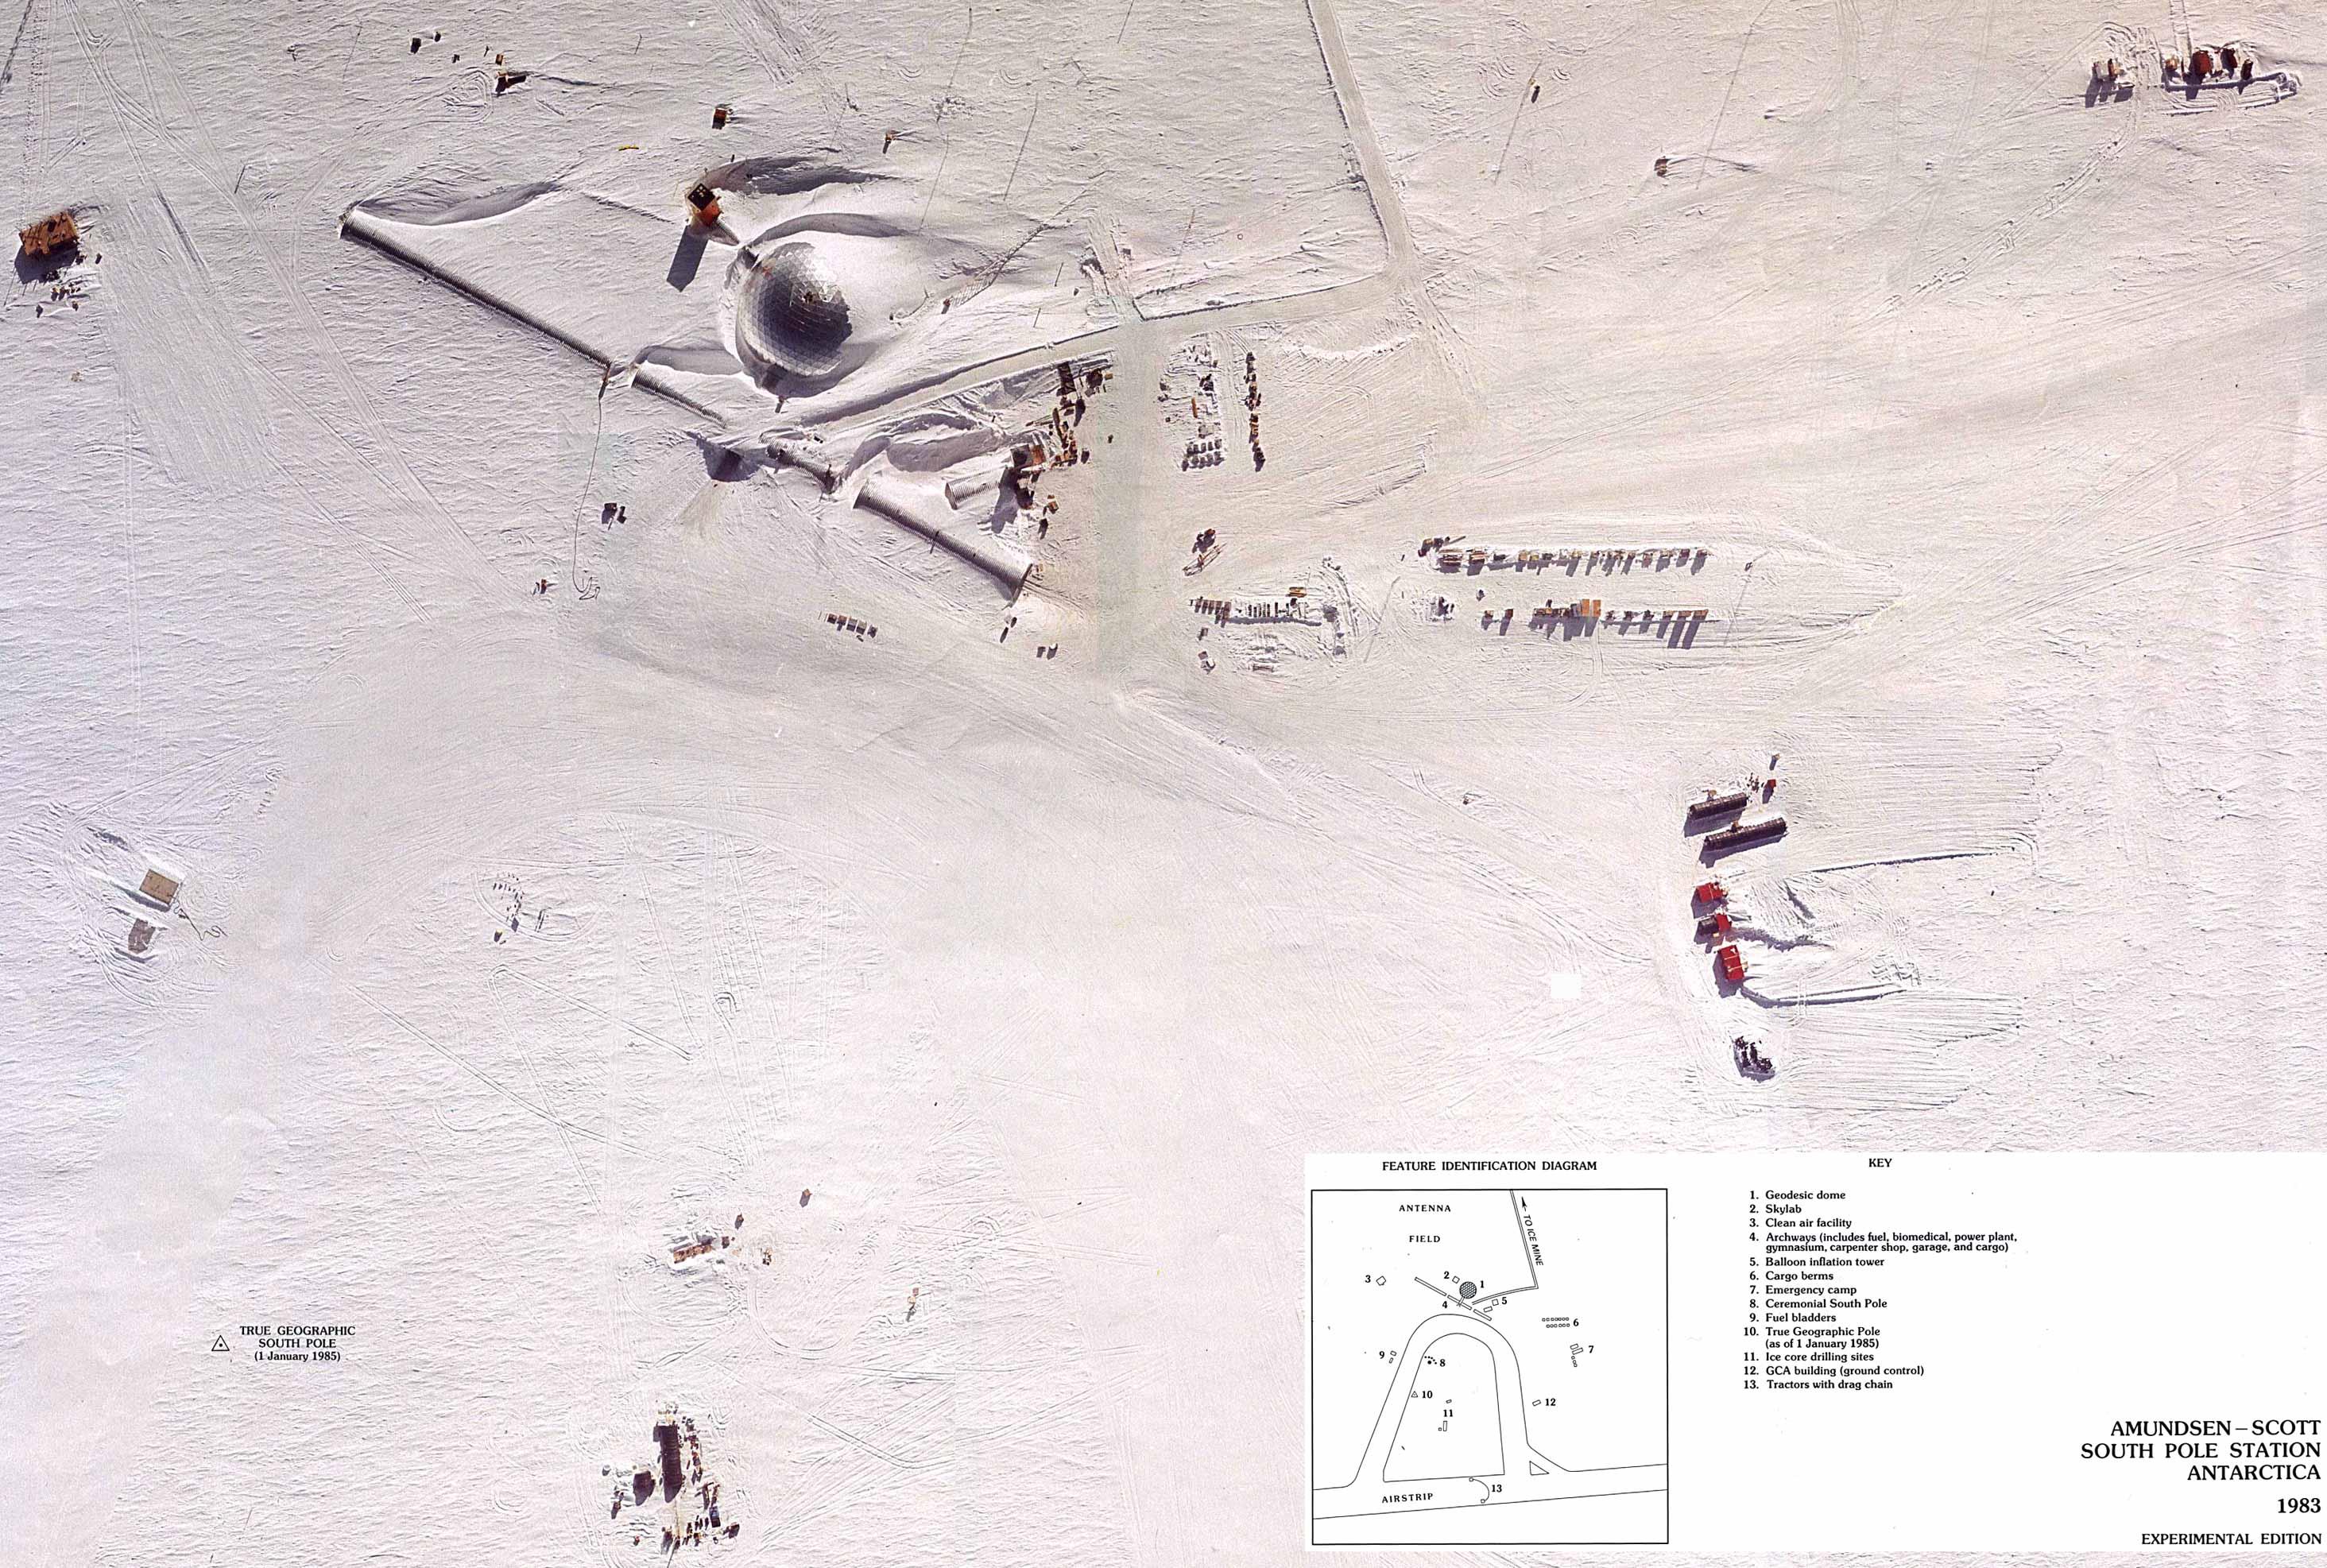 Base Amundsen-Scott Polo Sur